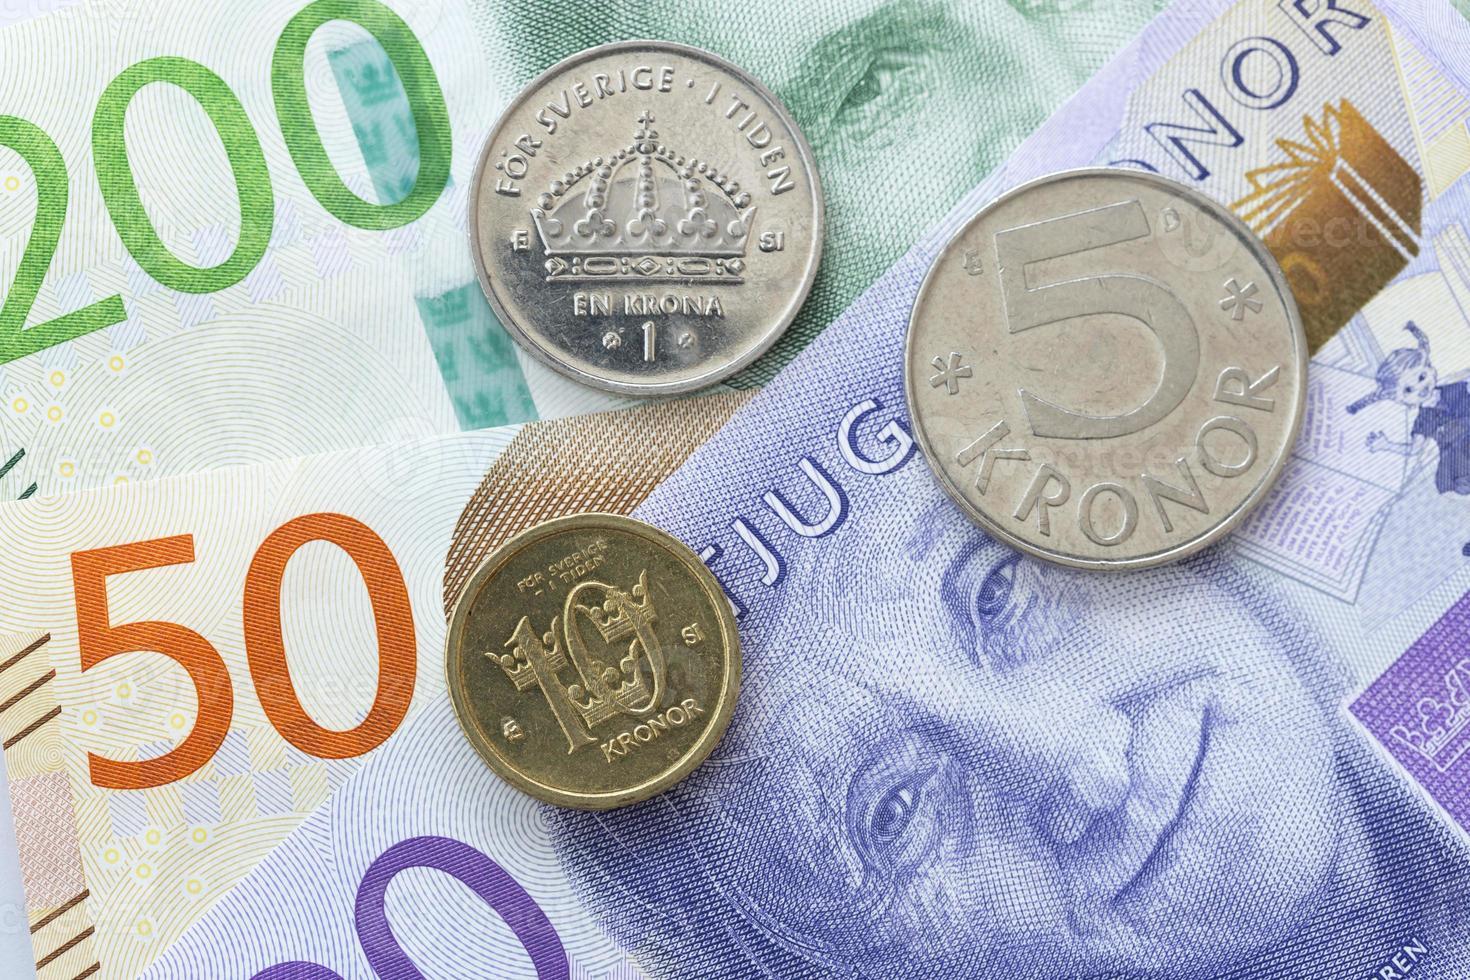 monnaie suédoise bouchent photo